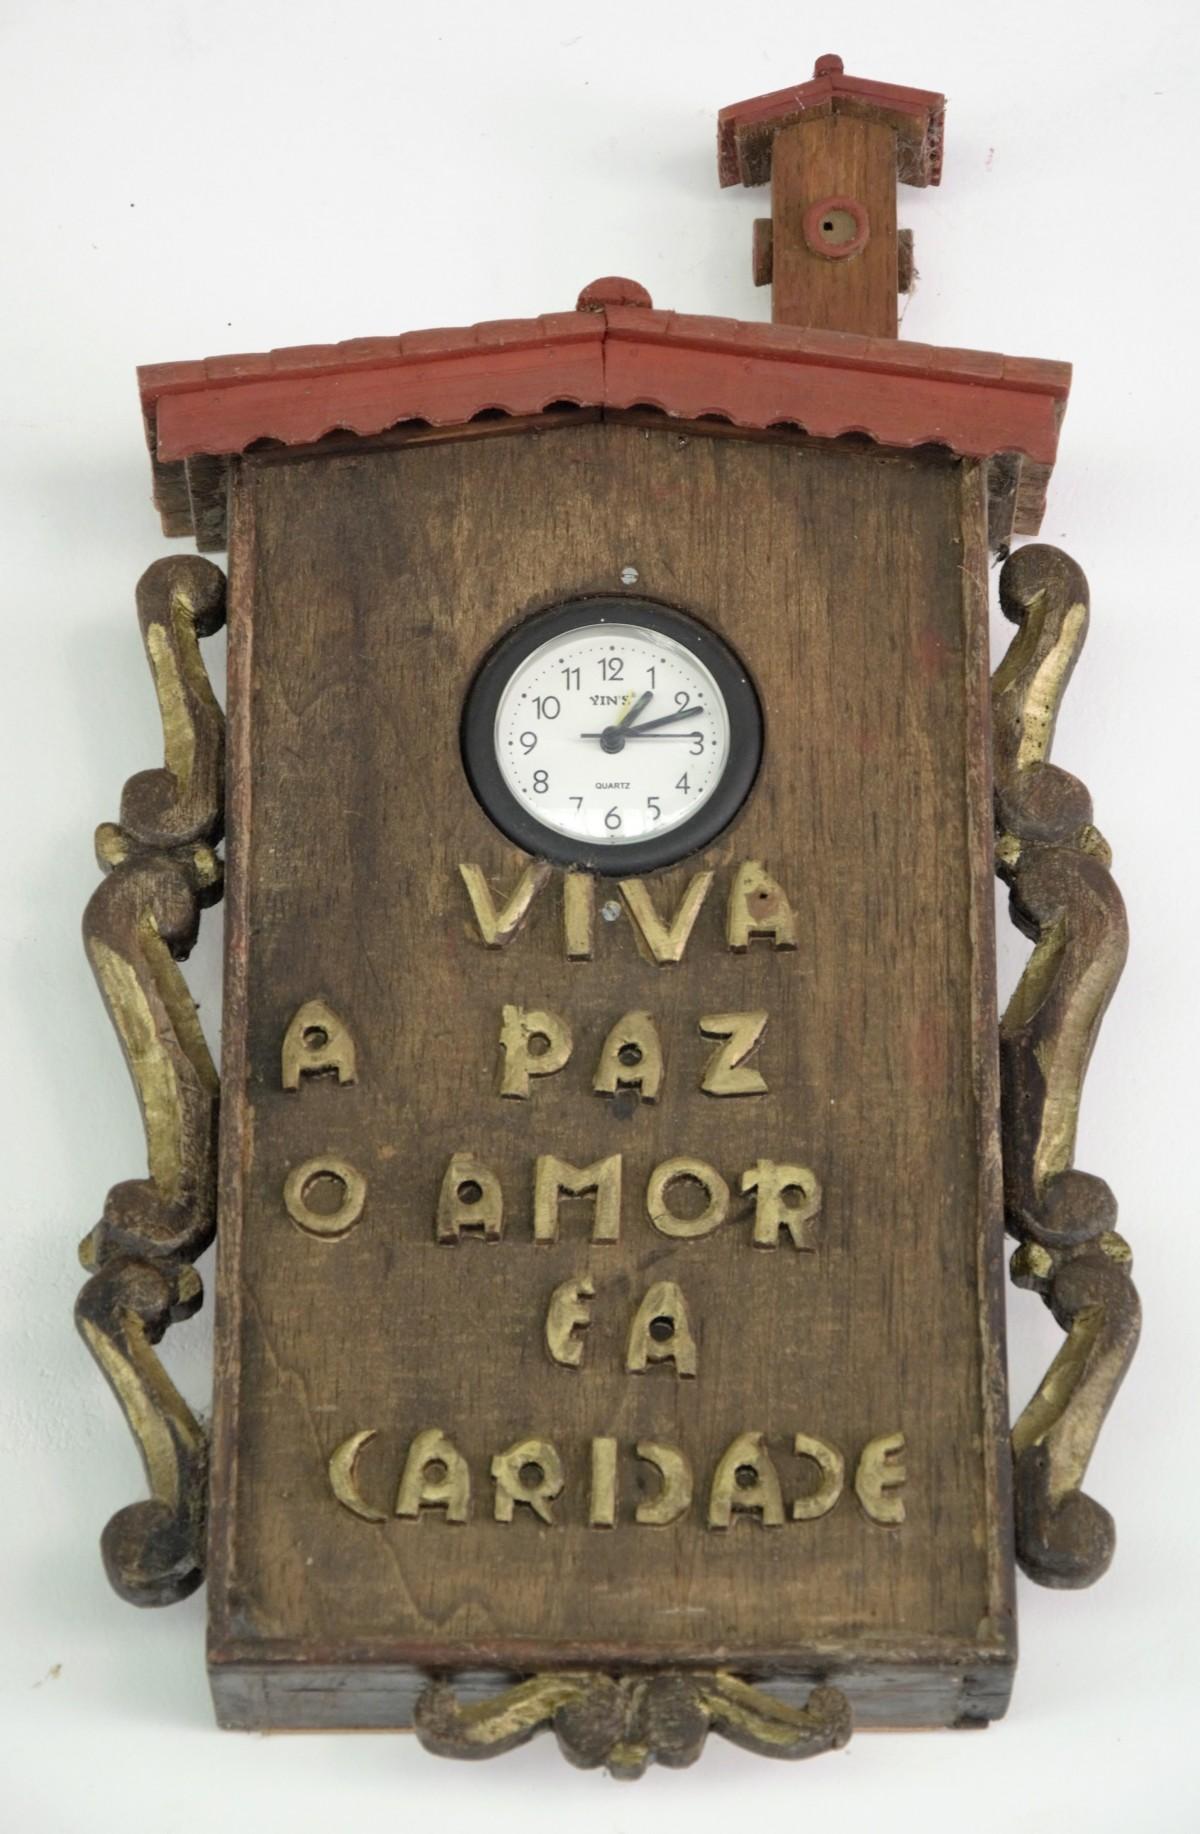 Vintage Clocks retro style00022.jpeg